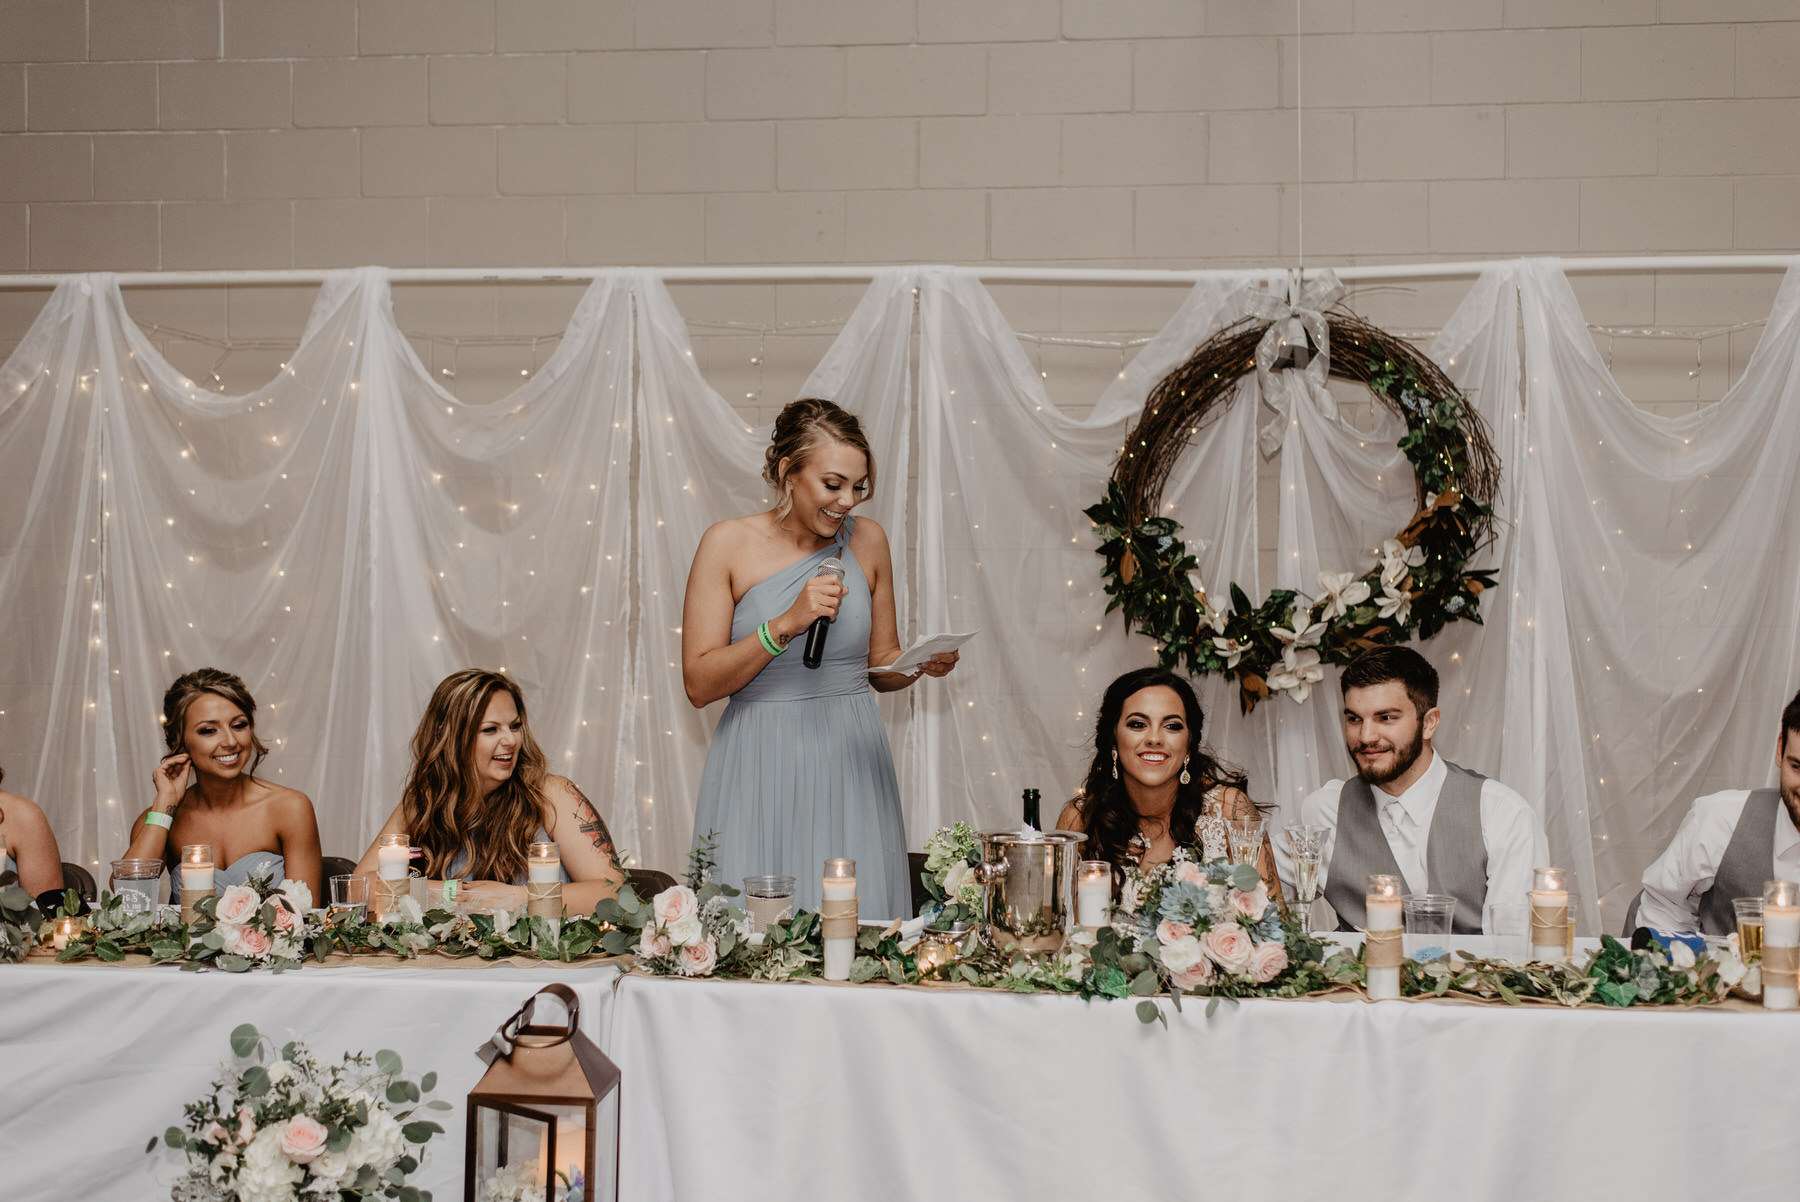 Kaylie-Sirek-Photography-Kearney-Nebraska-Wedding-106.jpg